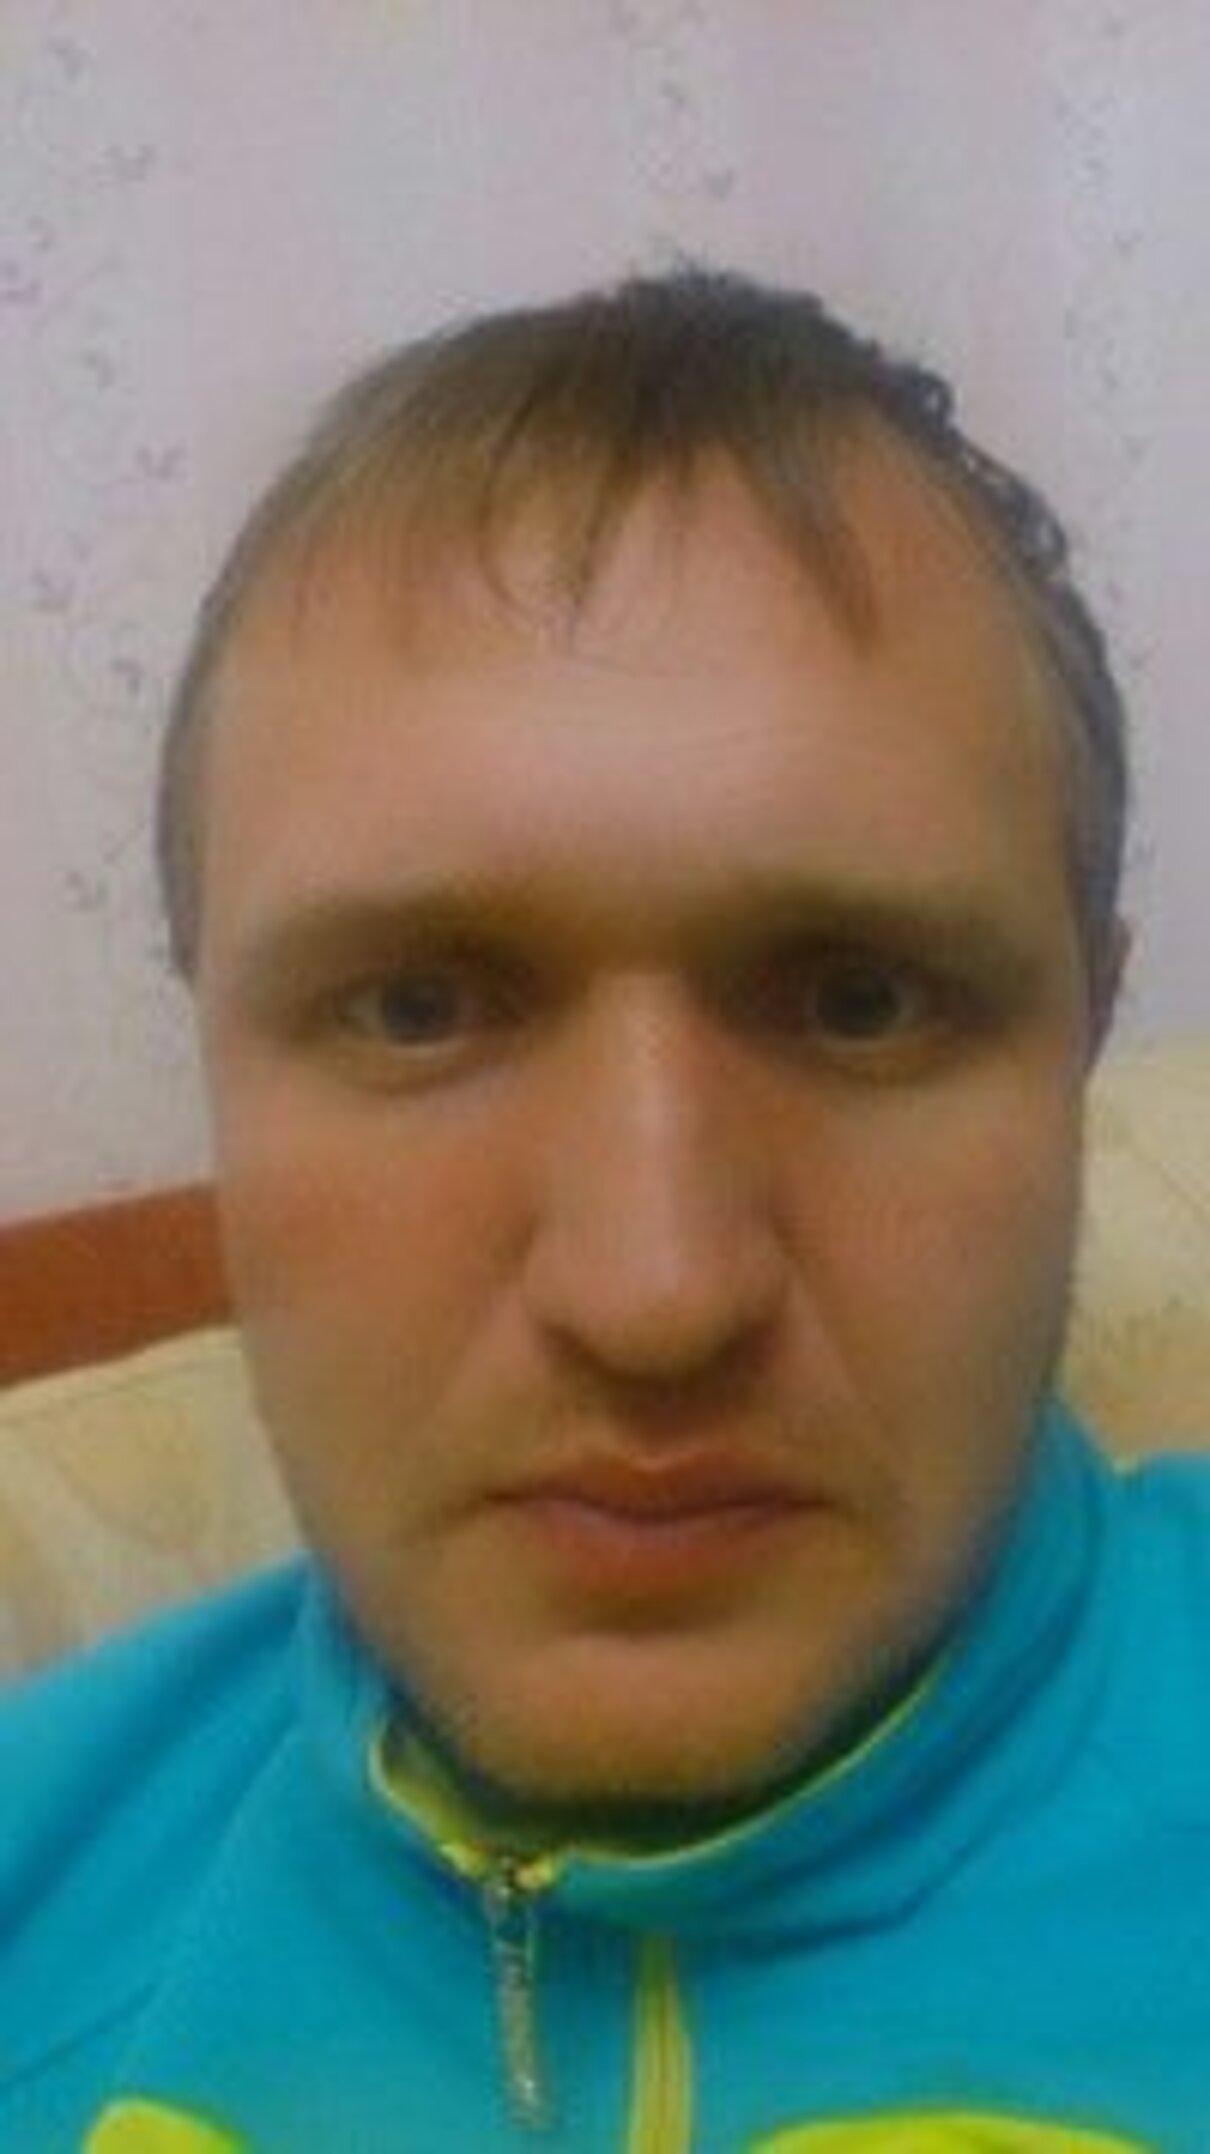 Жалоба-отзыв: Квашнин Антон Владимирович - Лгун, живёт за счет женщин, злостный алиментщик.  Фото №1